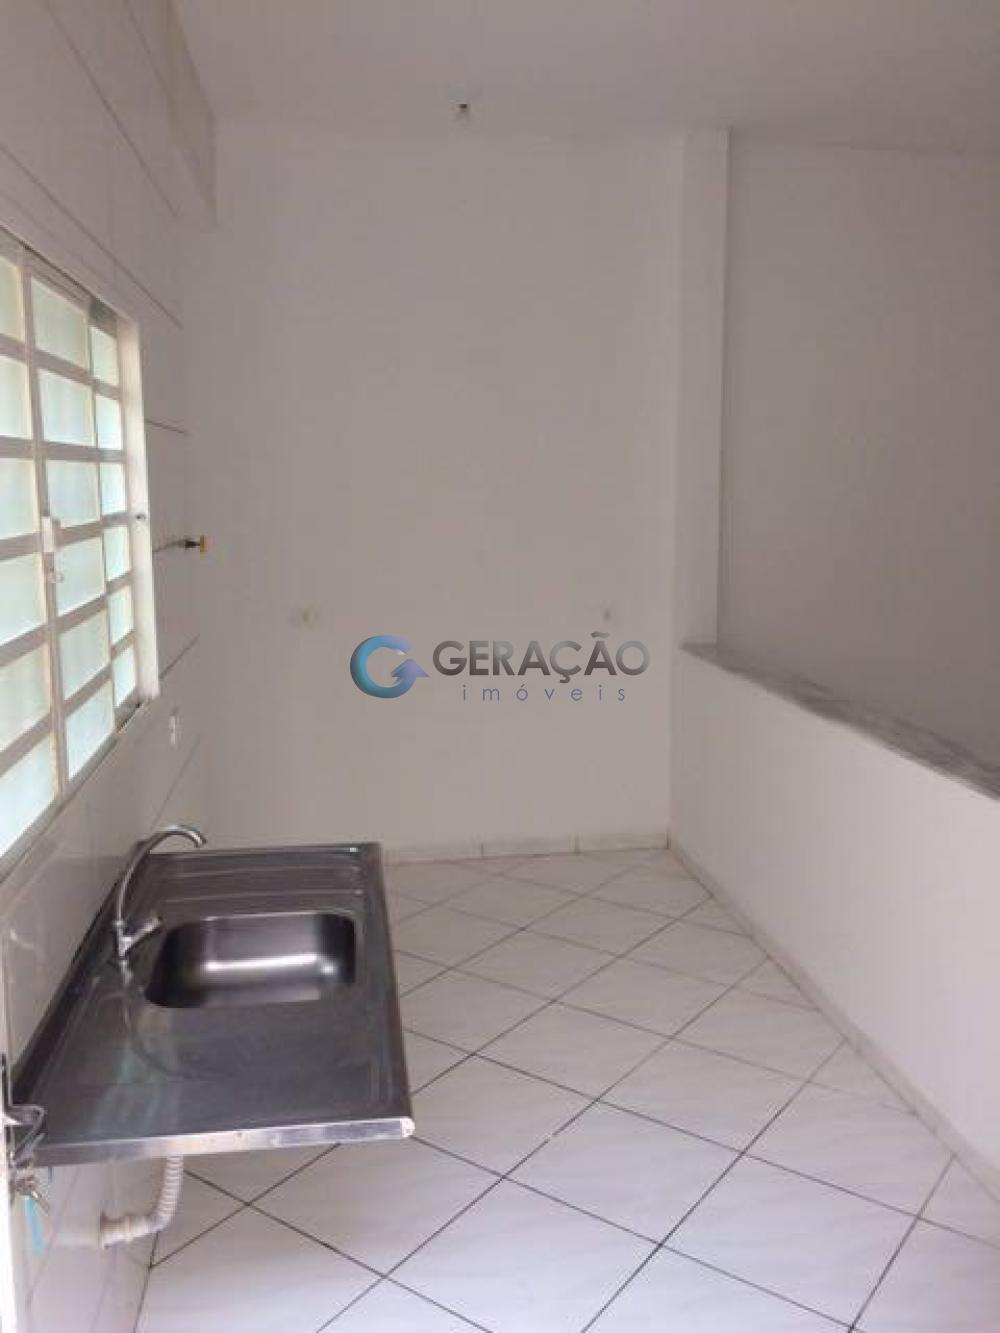 Comprar Comercial / Prédio em São José dos Campos apenas R$ 840.500,00 - Foto 27